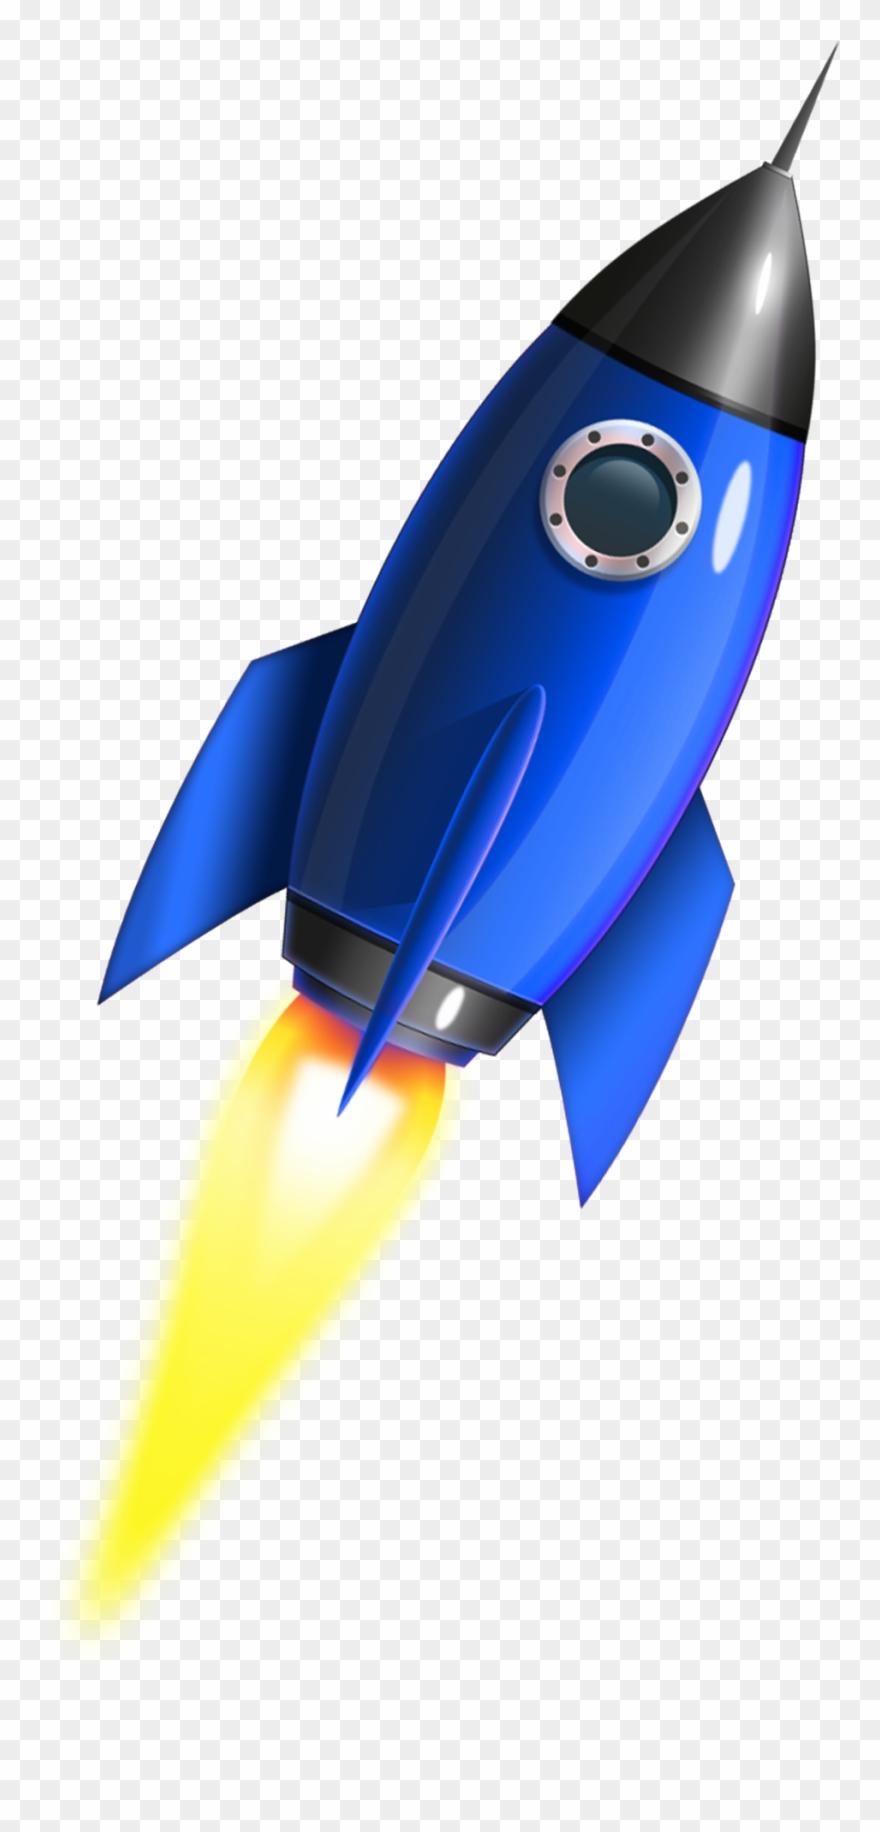 Real Rocket Ship Png Clipart (#2990771).